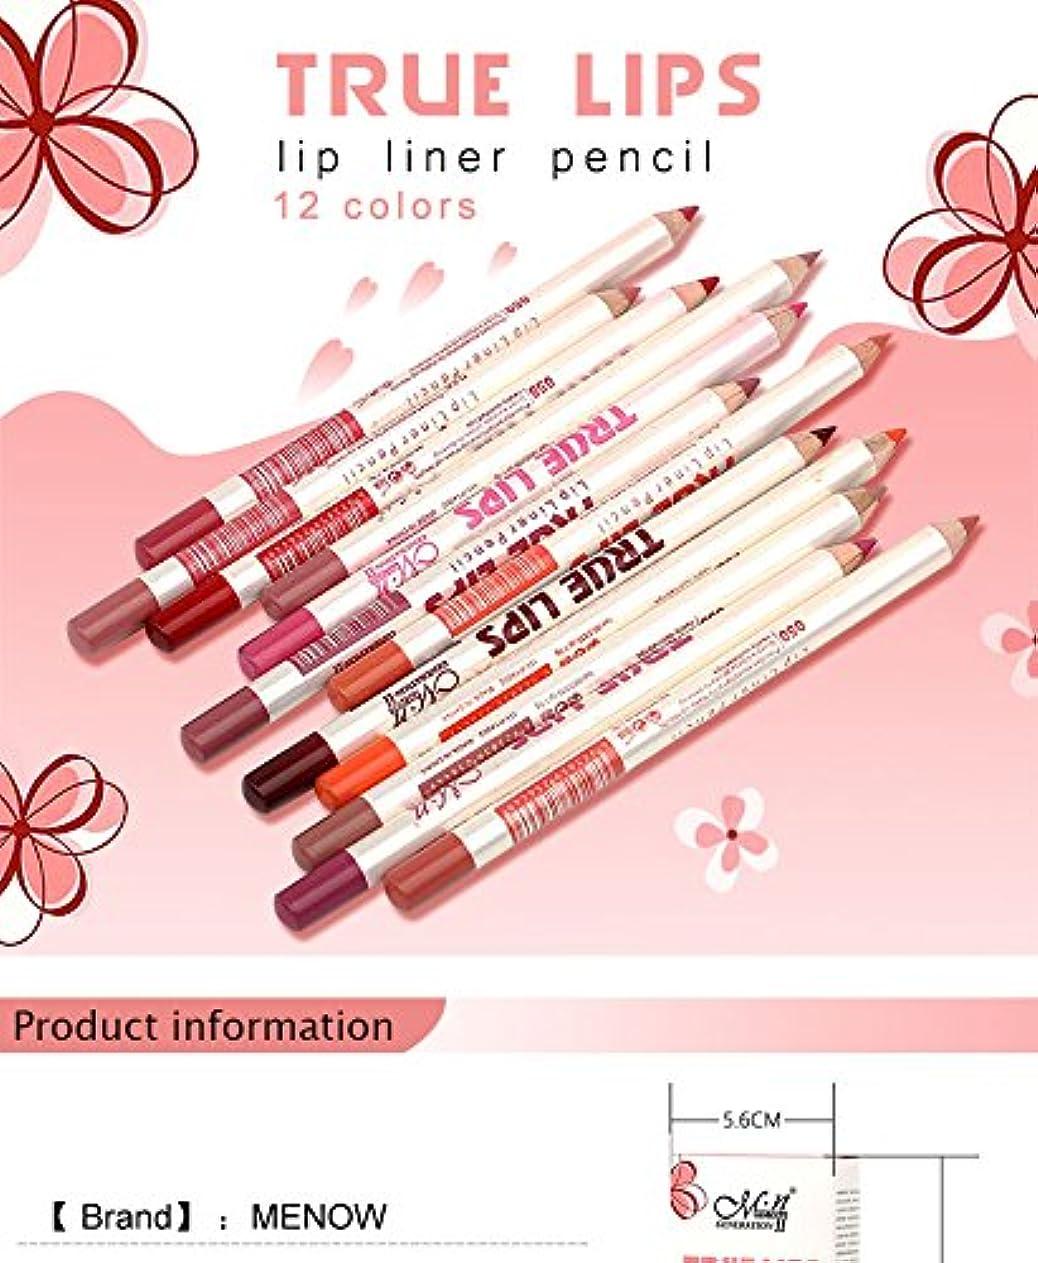 リングバック粘土ジェームズダイソンMenow Brand Makeup 12Colors/Set Waterproof Lip liner Pencil Women's Professional Long Lasting Cosmetic Tools P14002